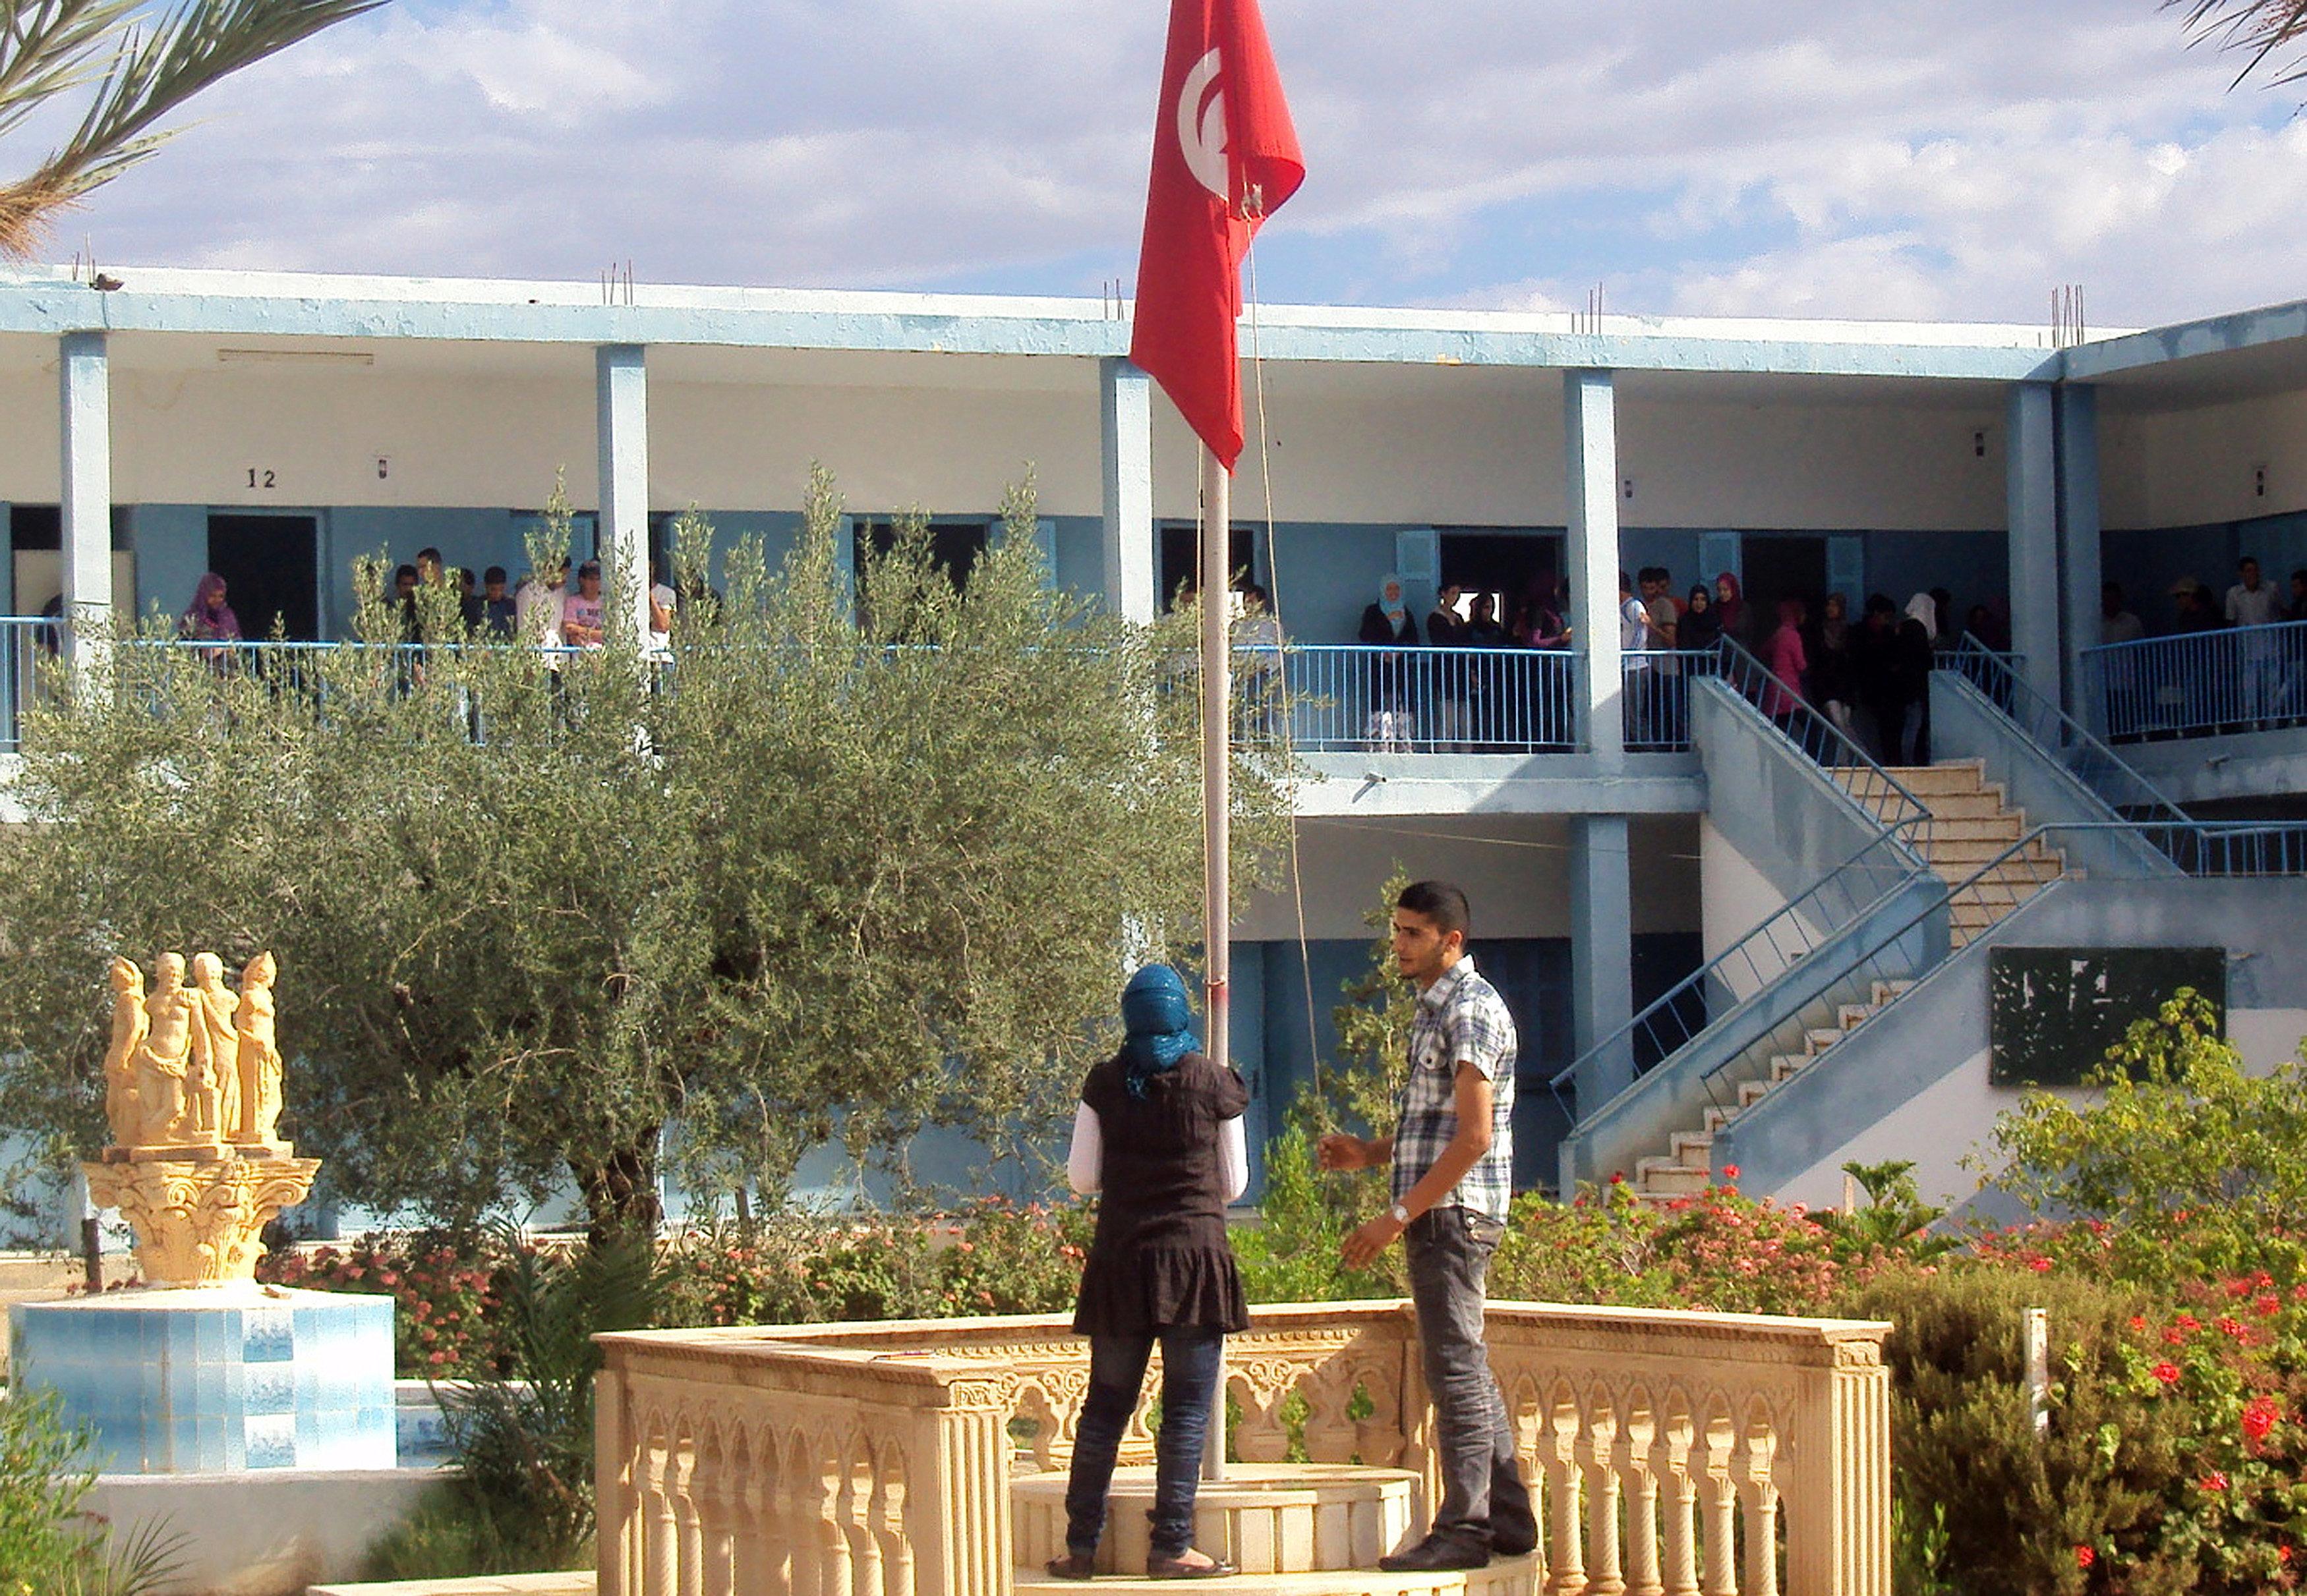 Démission collective de directeurs d'établissements éducatifs à Sidi Bouzid, menaces de démission au